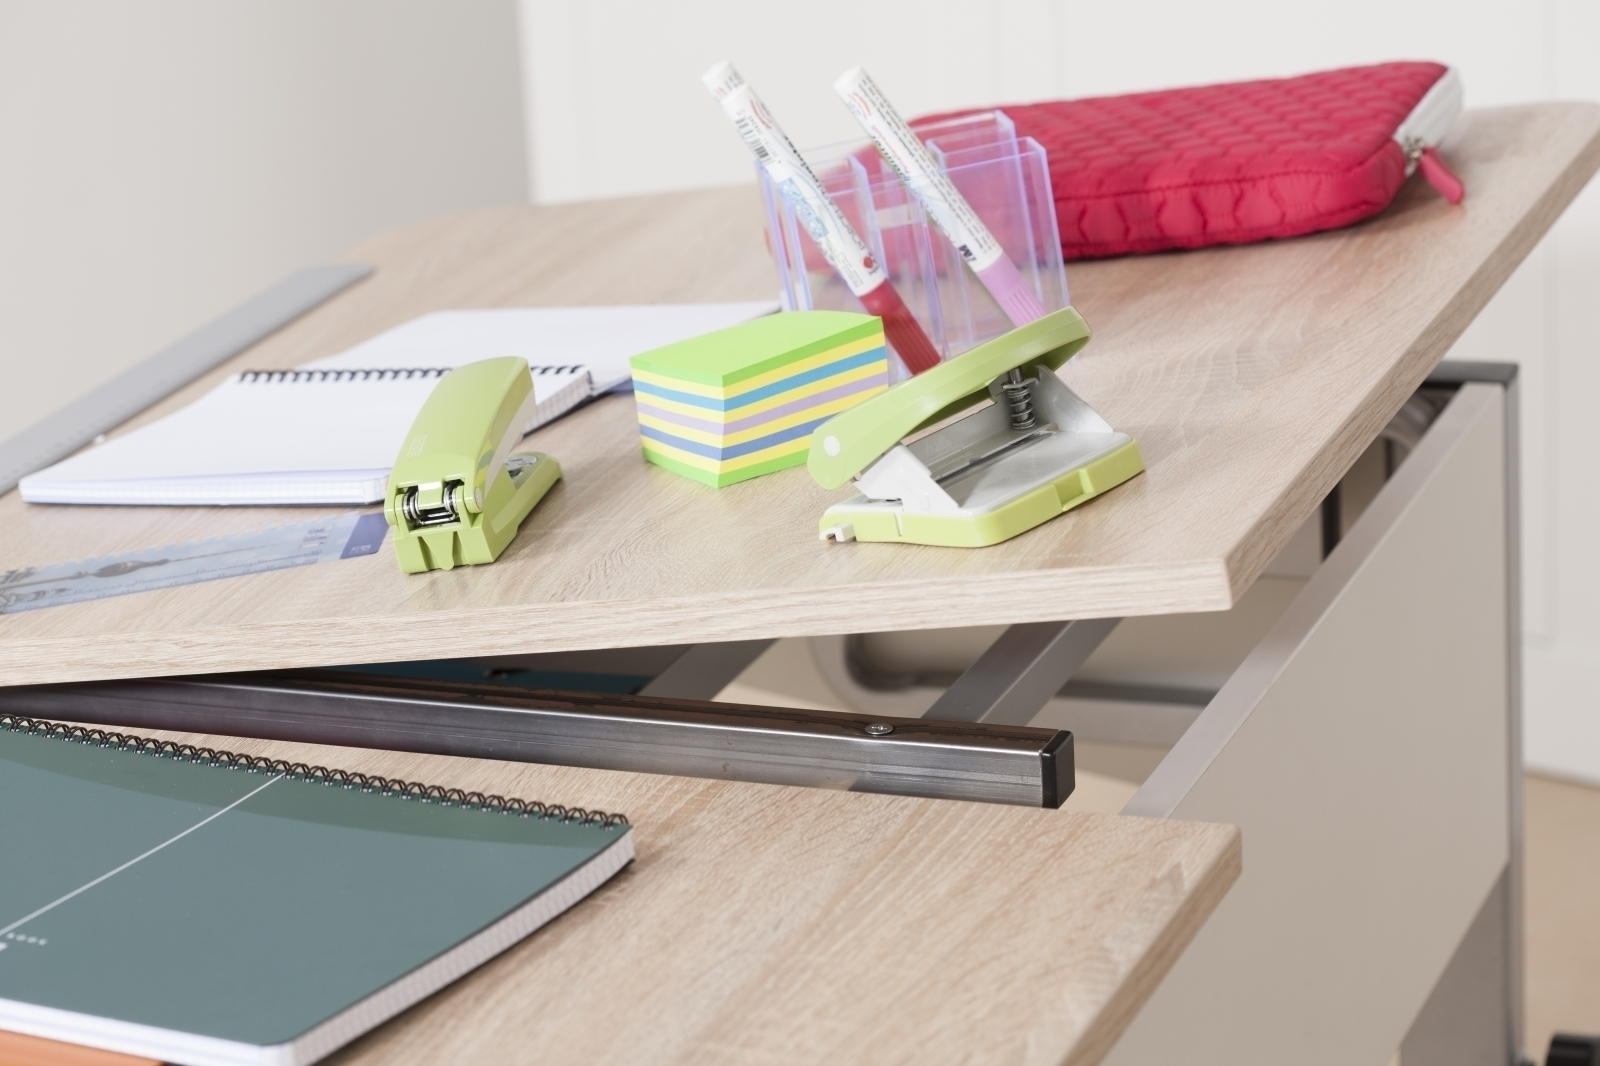 kettler schreibtisch cool top ii silber weiss. Black Bedroom Furniture Sets. Home Design Ideas